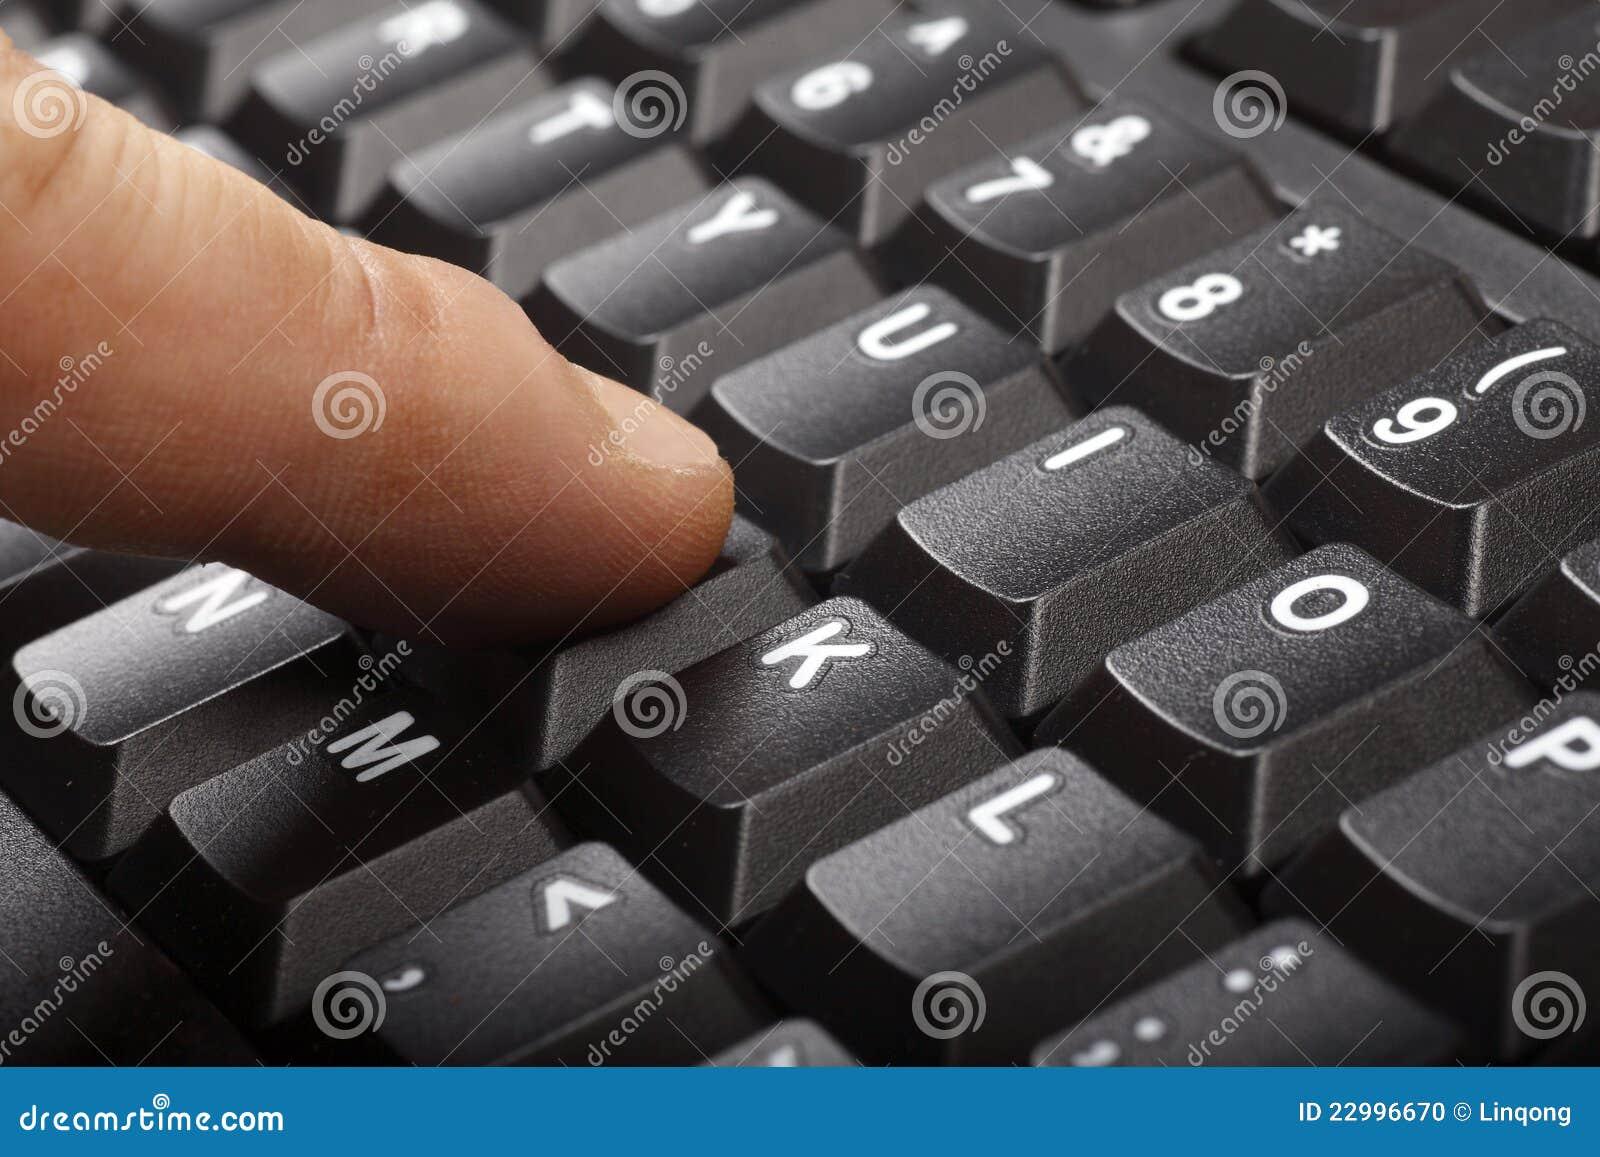 Teclado de ordenador foto de archivo imagen 22996670 - Foto teclado ordenador ...